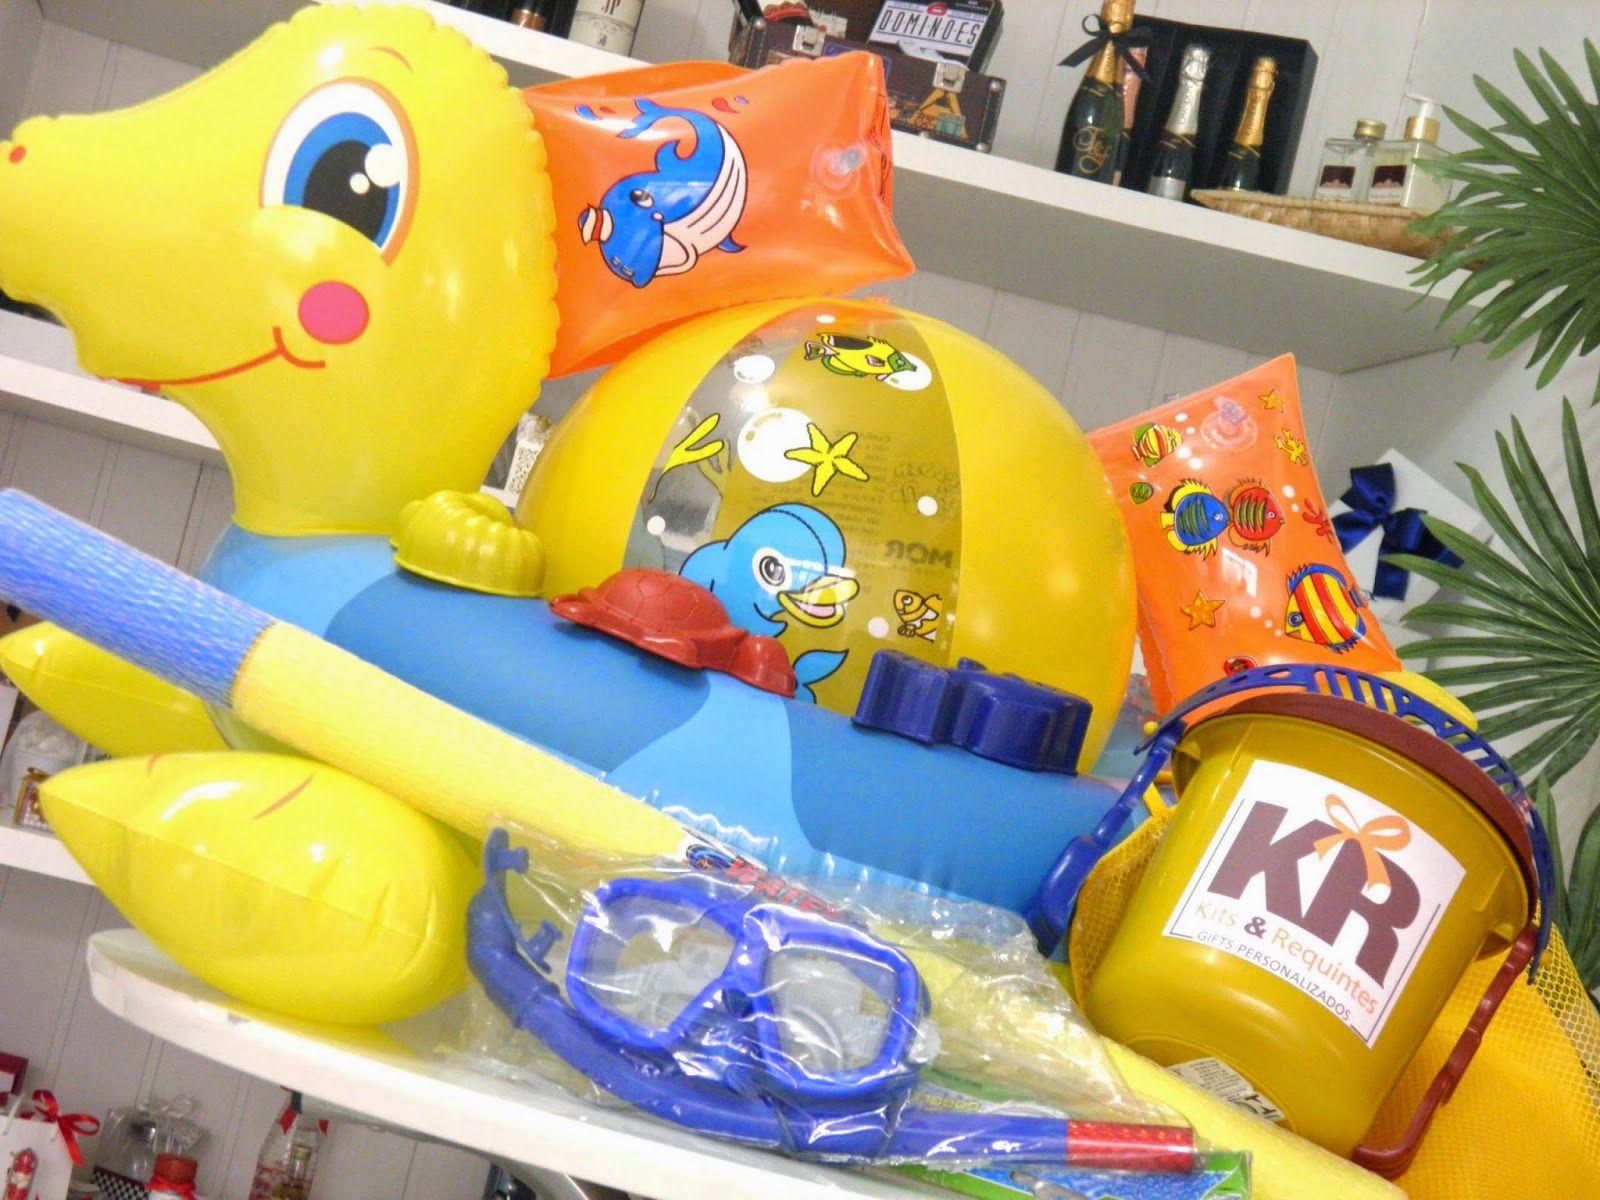 Kits e Requintes Lembranças Personalizadas: Regulamento - Dia das Crianças 2014